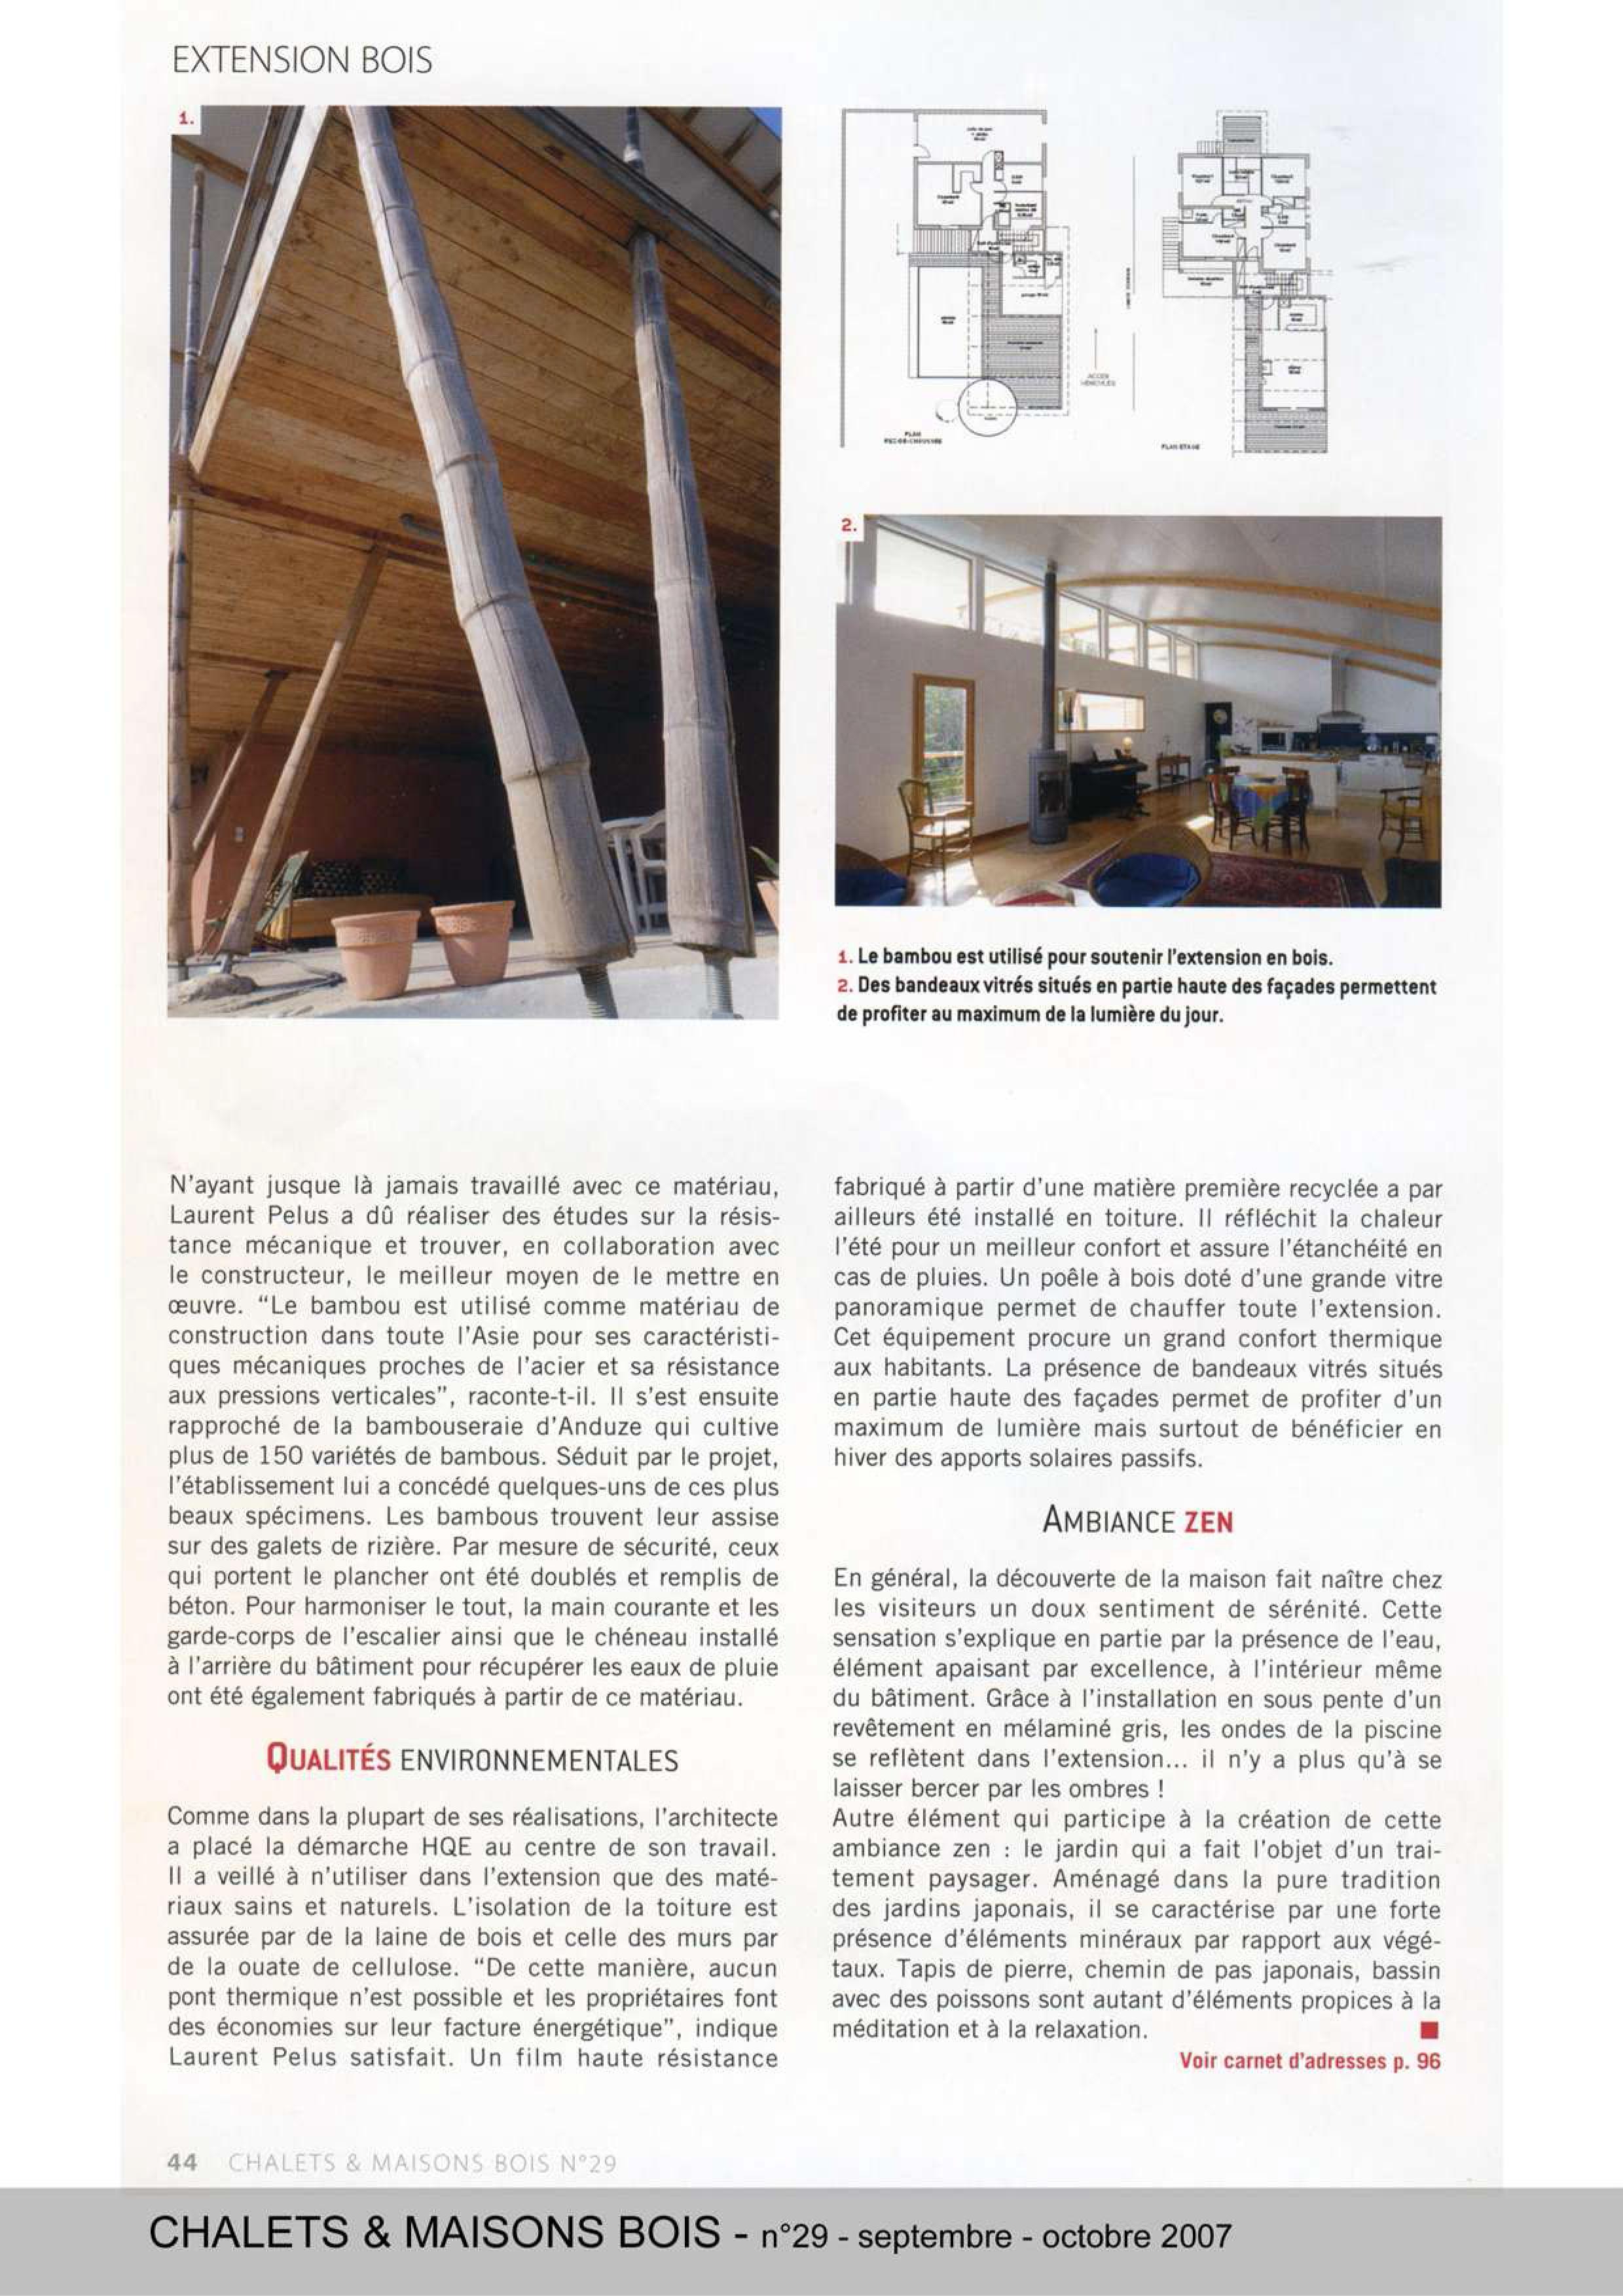 chalets-maisons-bois-n-29-sept-oct-2007-des-bambous-dans-la-garrigue-5